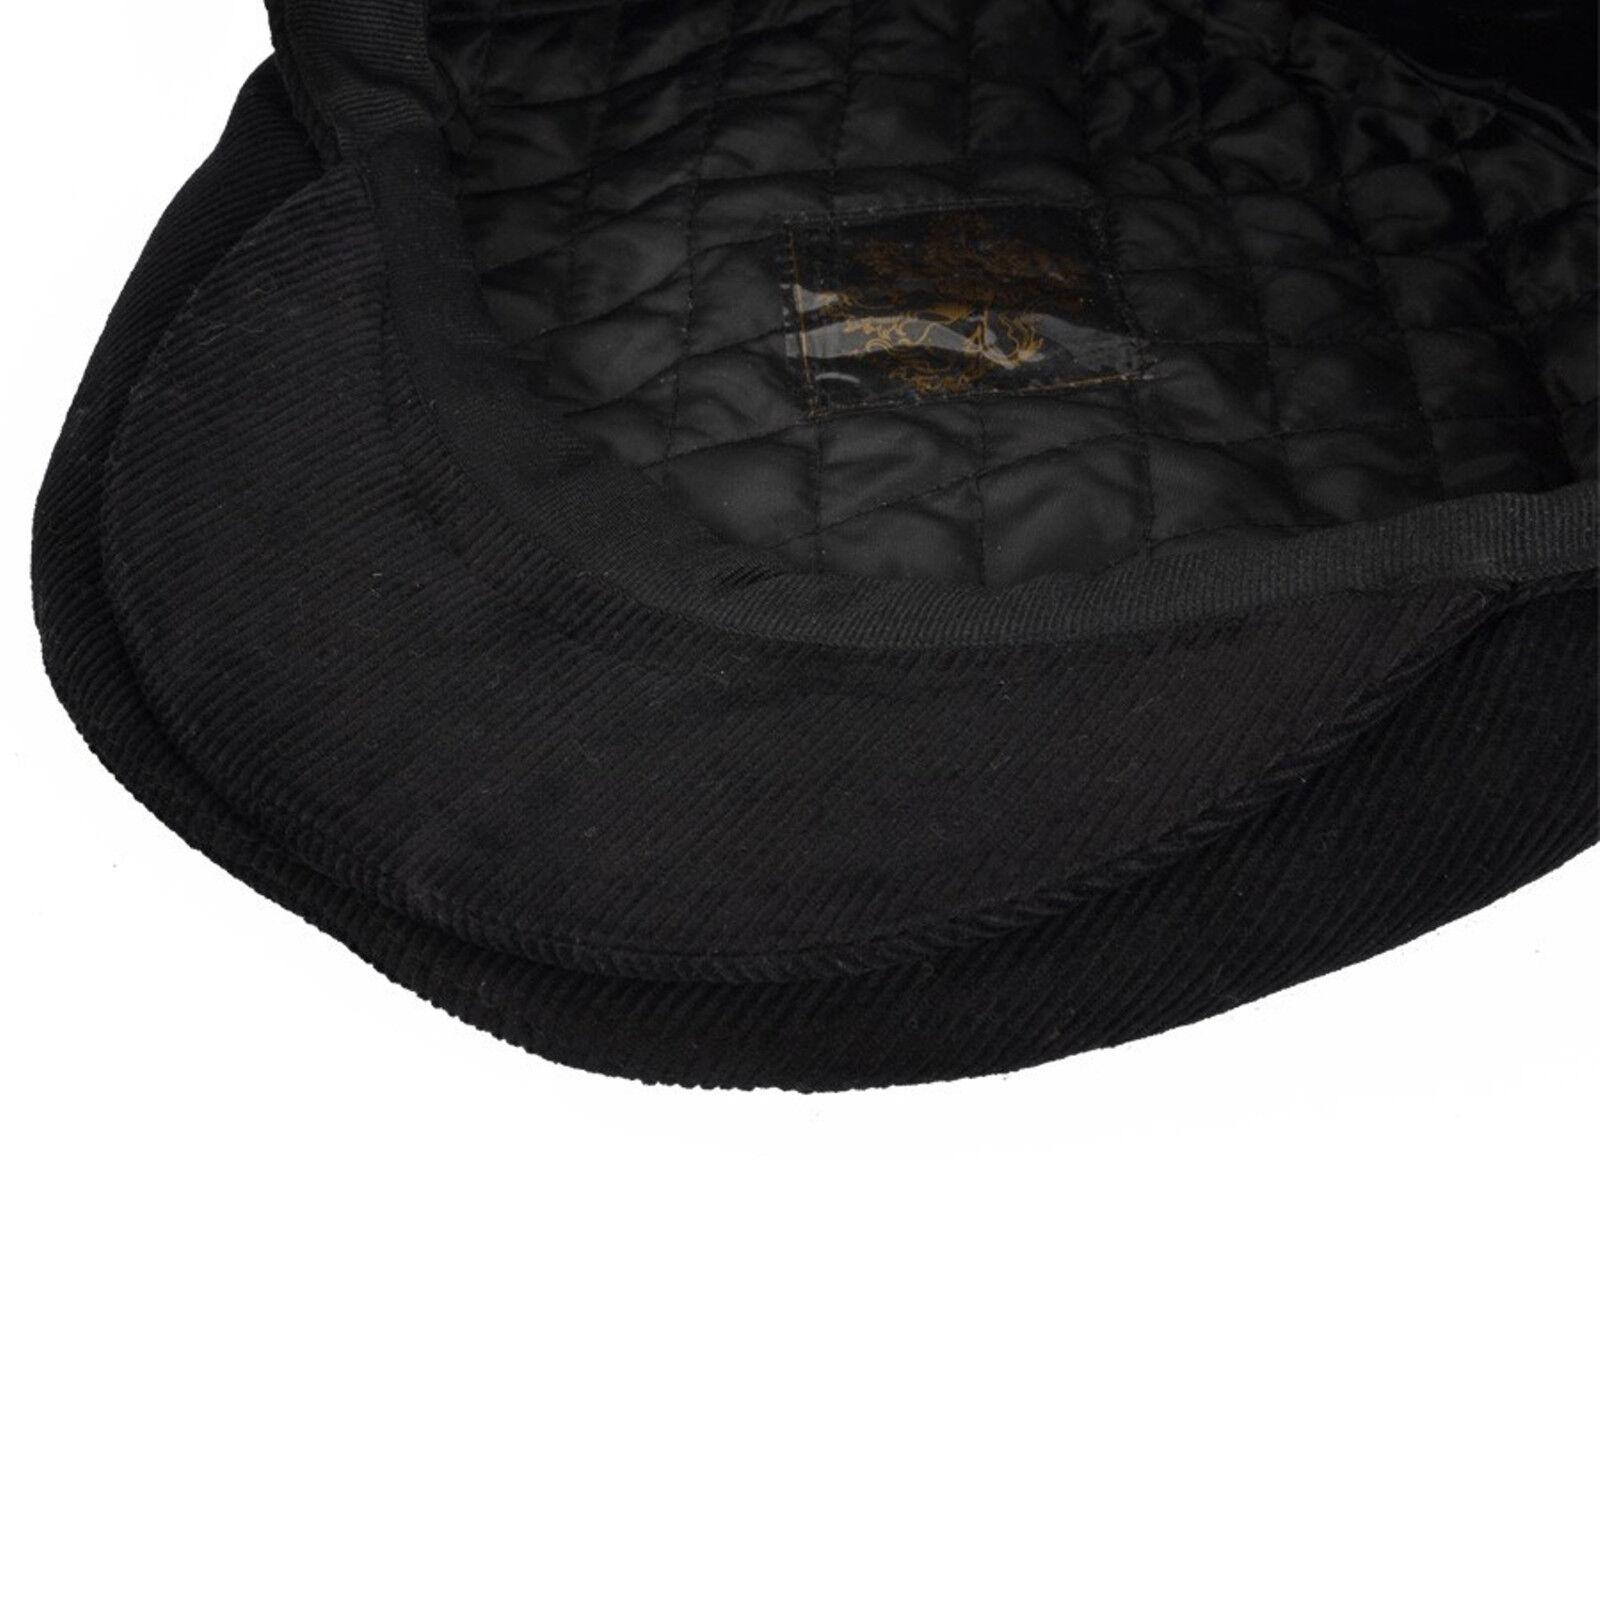 Unisexe Cordon Summer Style Préformé Pic Plat Casquette Pays en velours côtelé chapeau